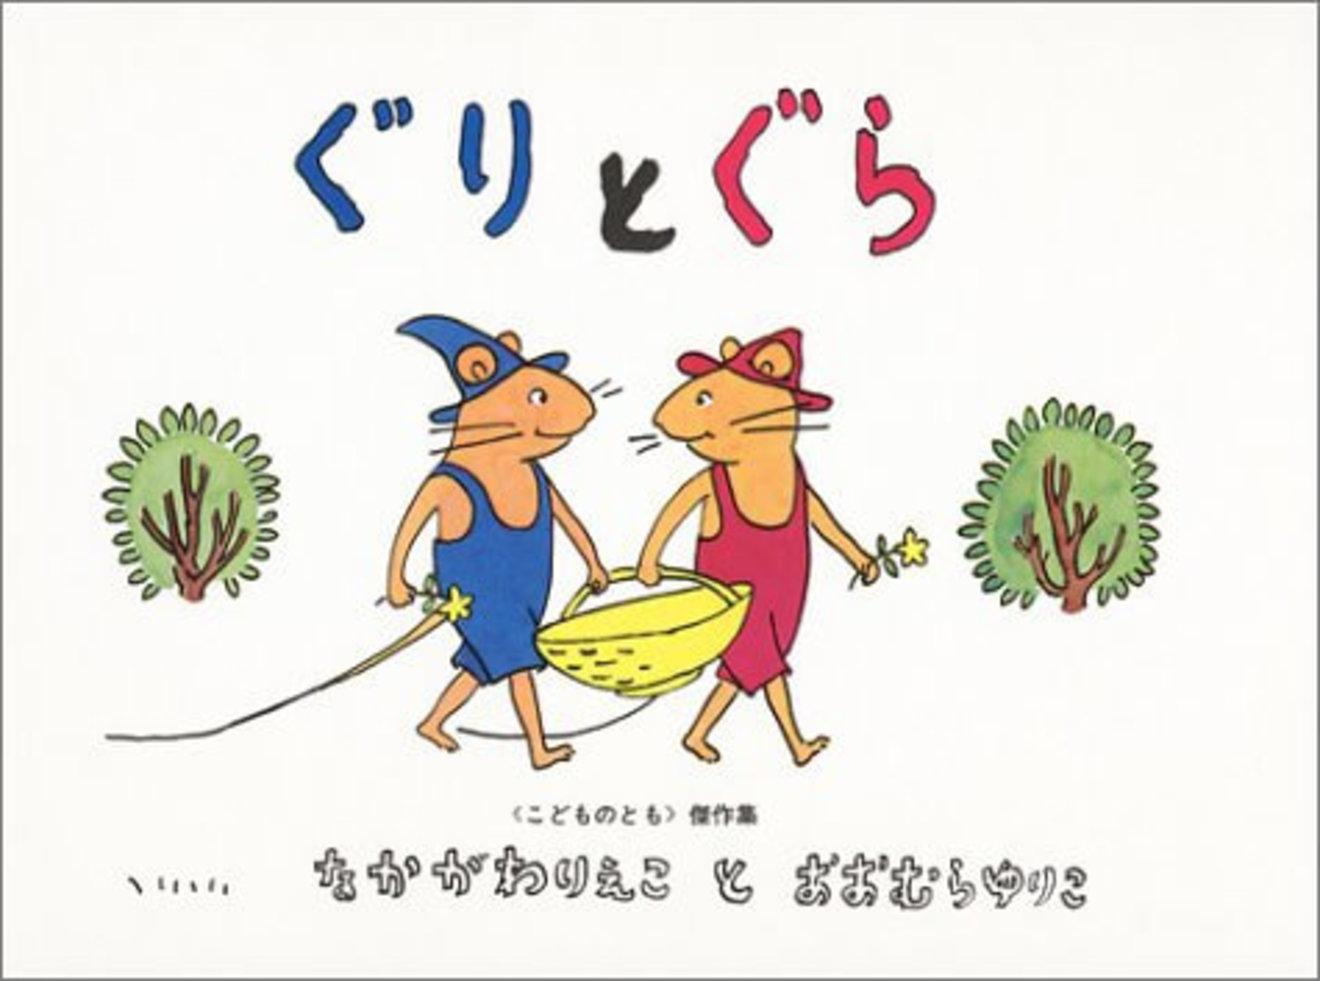 中川李枝子のおすすめ本5選!名作絵本『ぐりとぐら』から童話まで